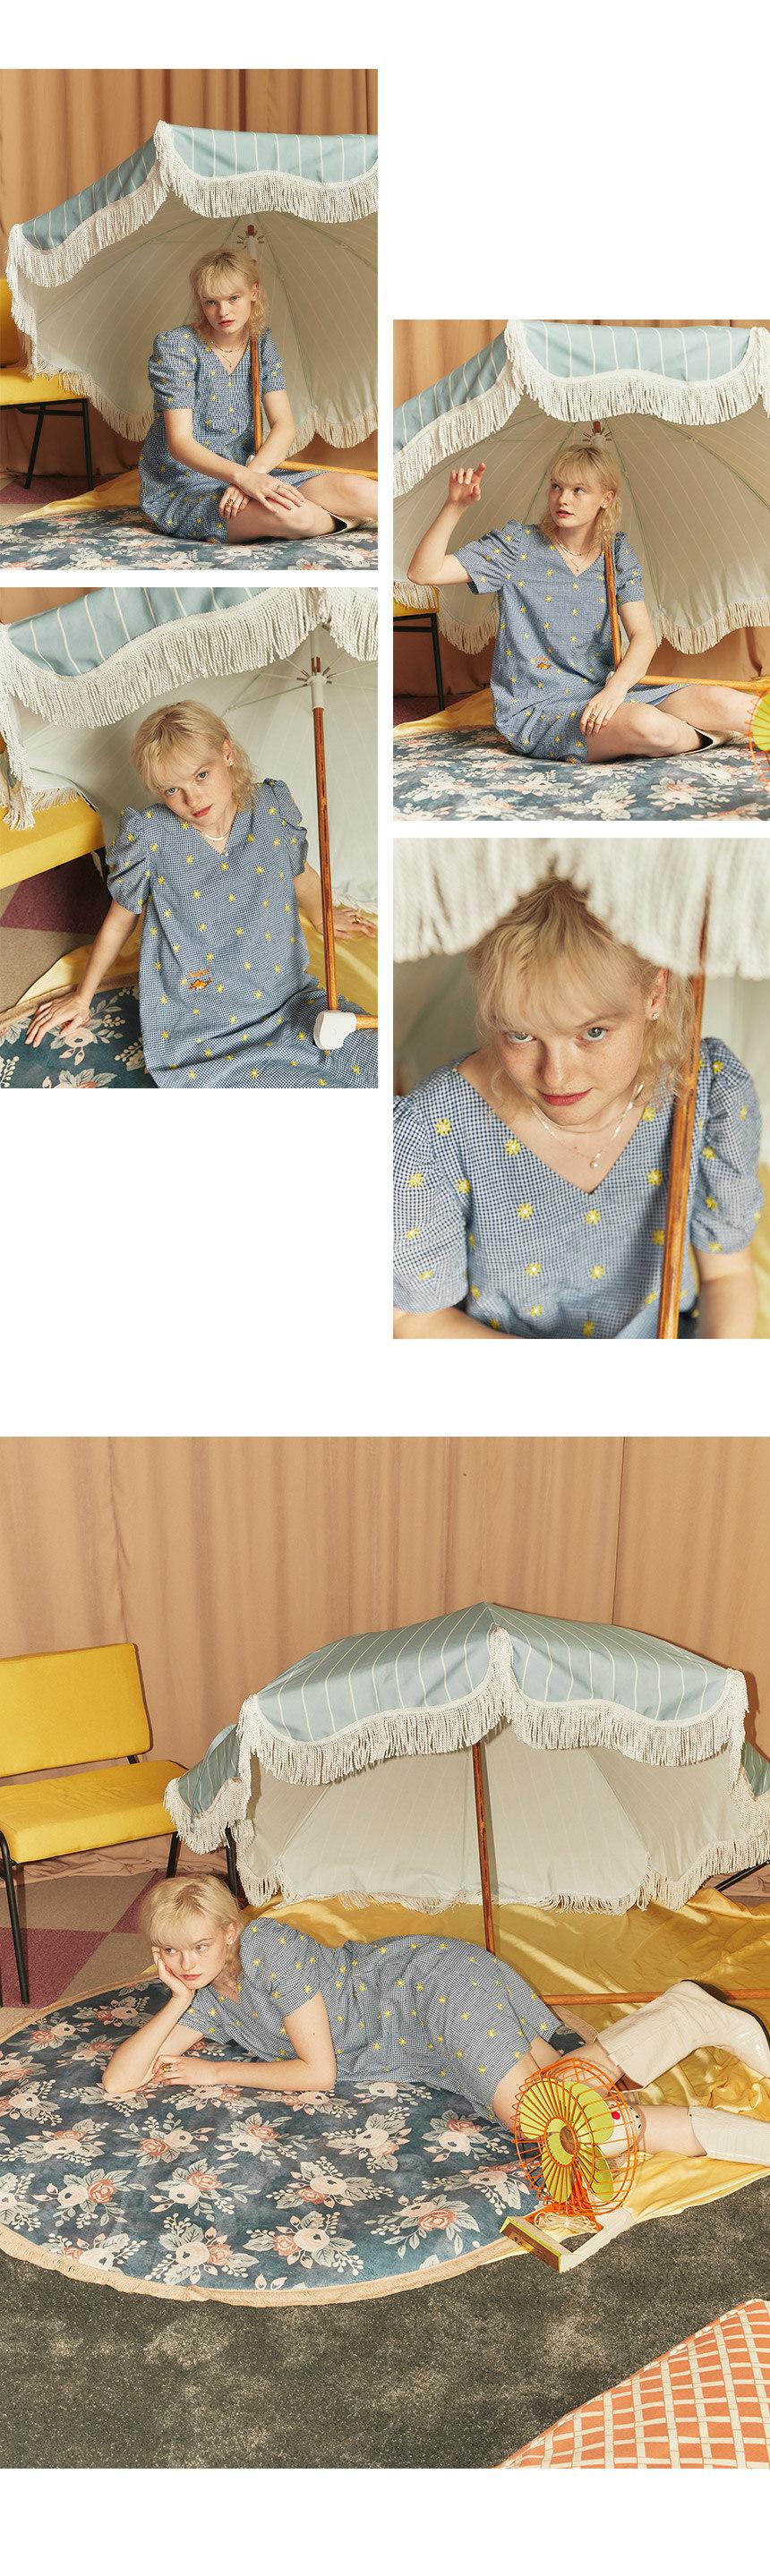 레이브(RAIVE) RAIVE X PIPPI Embroidery Check One Piece in Navy_VW0MO1770